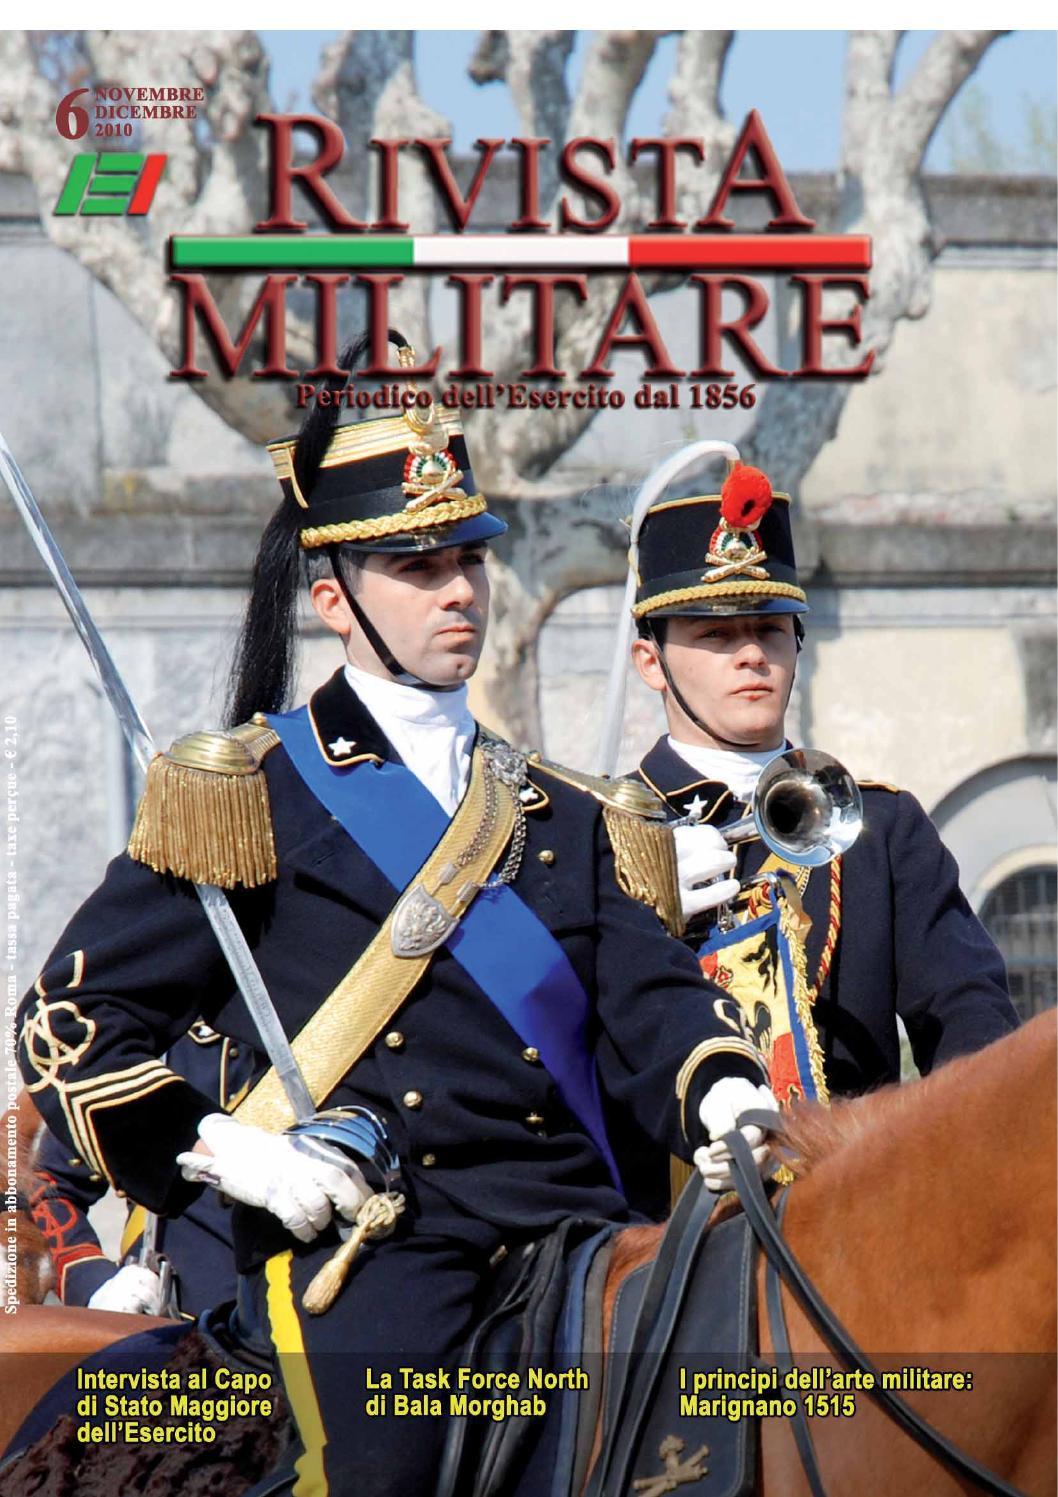 disfunzione erettile noi militari